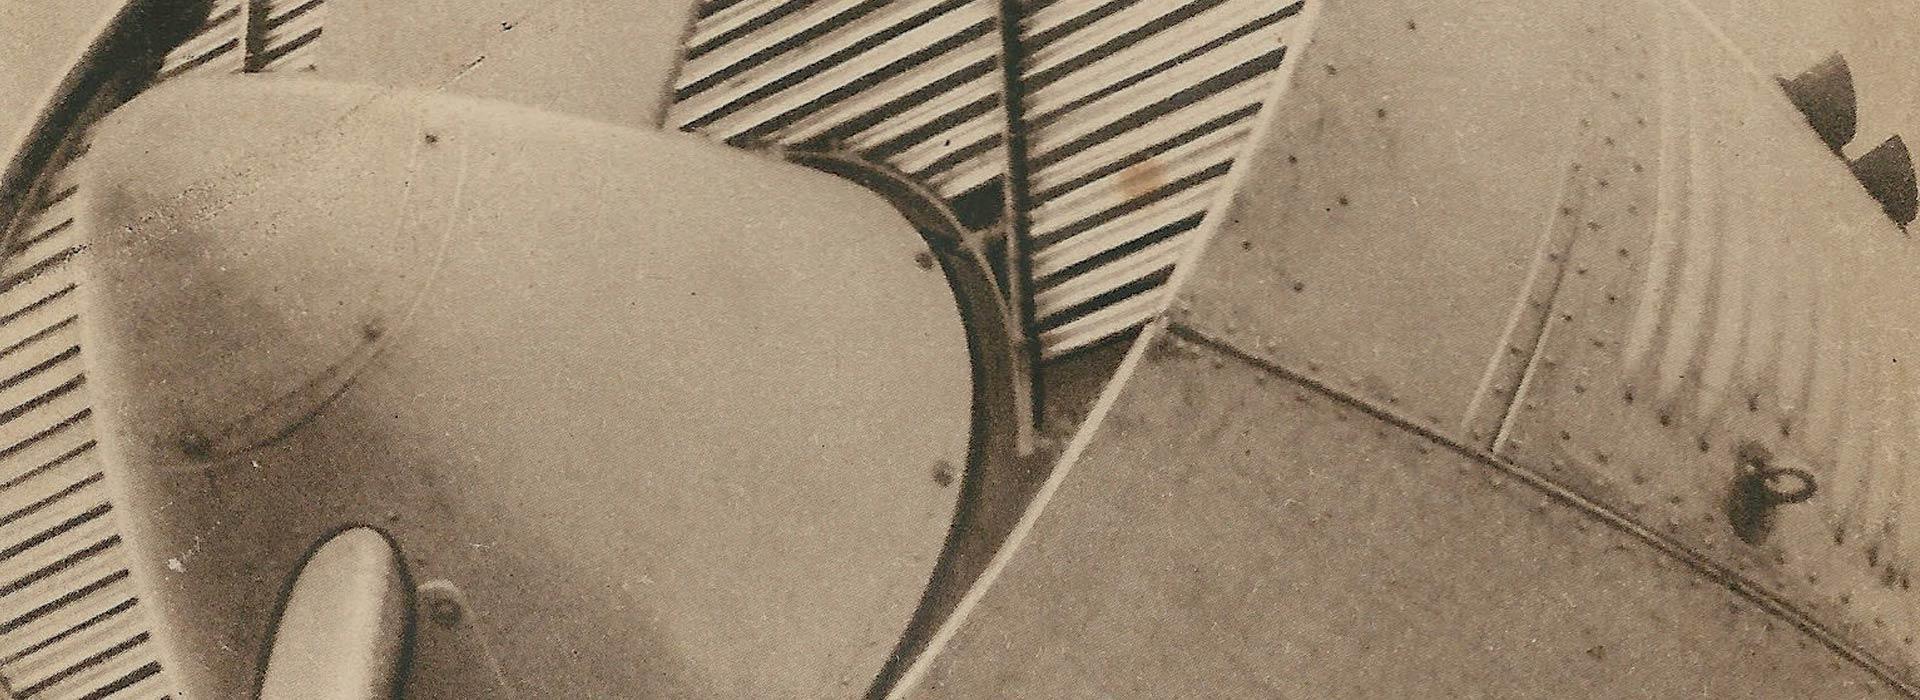 Diseño Editorial Los aires roturados Cabecera Macadán Libros